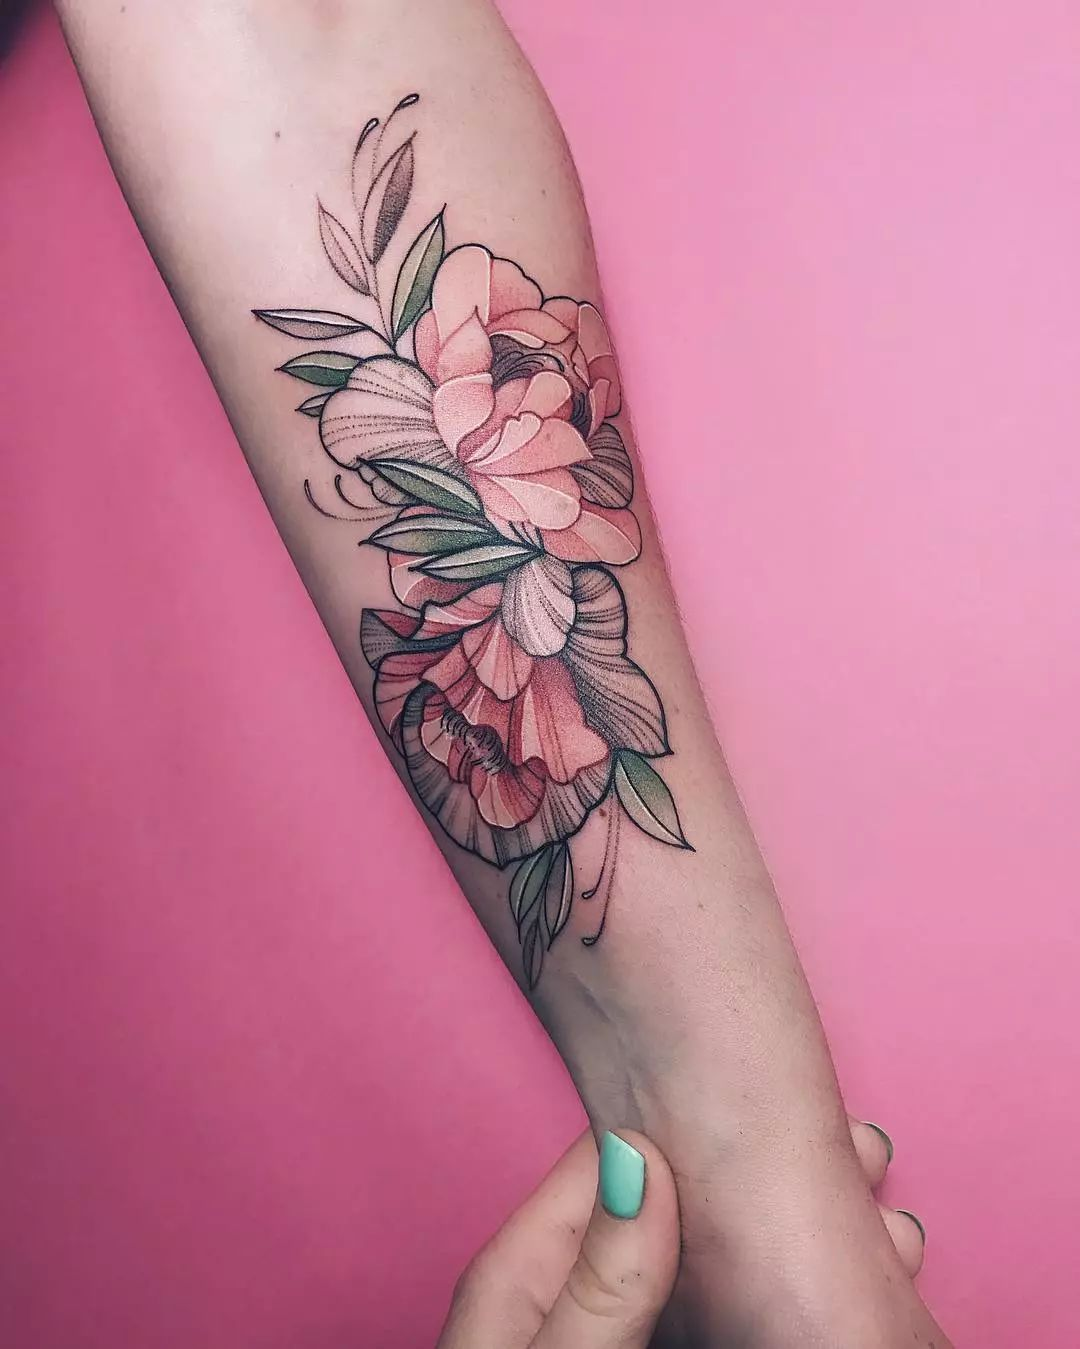 素花纹身变成粉色的,真不错图片